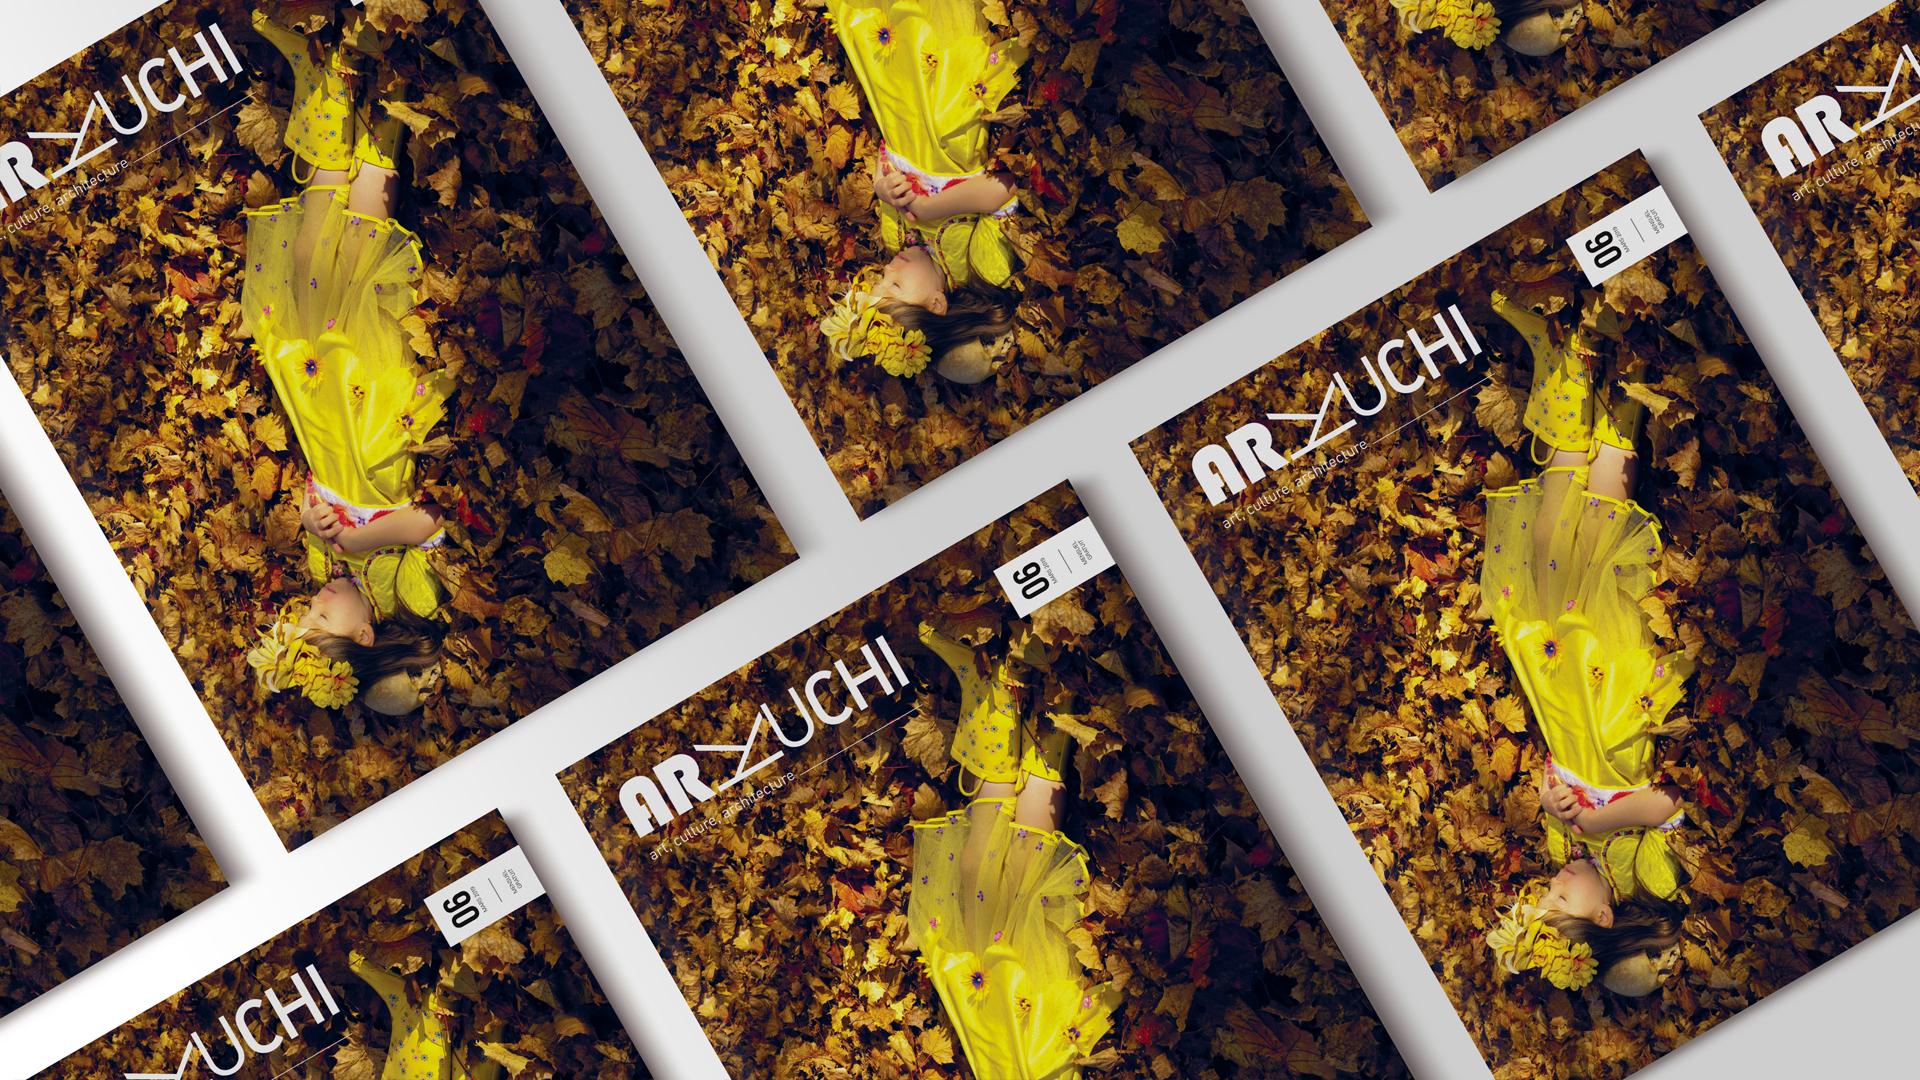 Diverses couvertures du magazine Arkuchi posées les unes à côté des autres